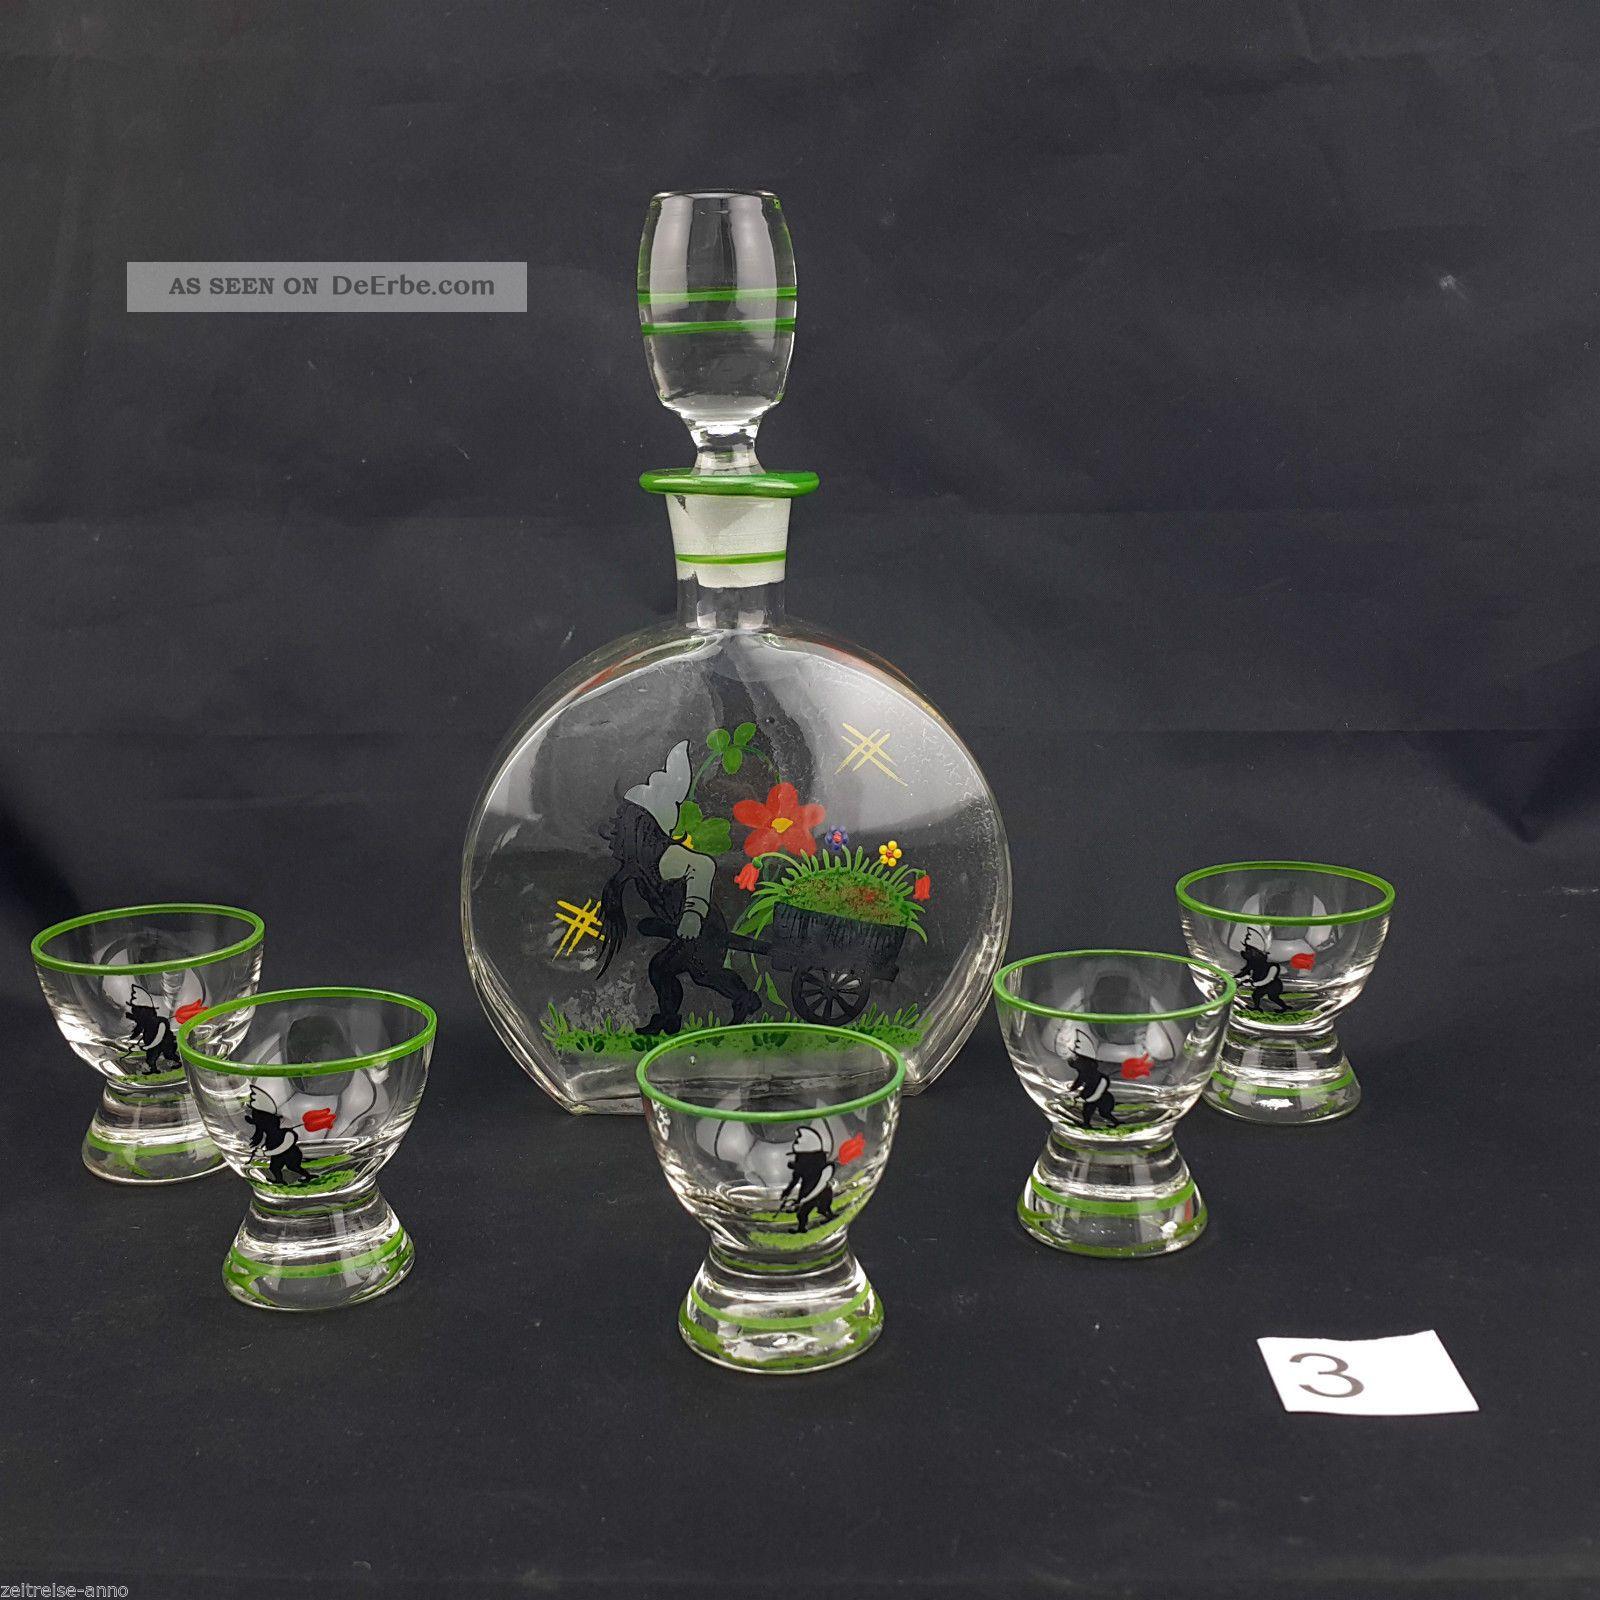 Schnapsflasche 5 Schnapsgläser Antik Glas Emaille Likör Karaffe Handbemalt Zwerg Kristall Bild